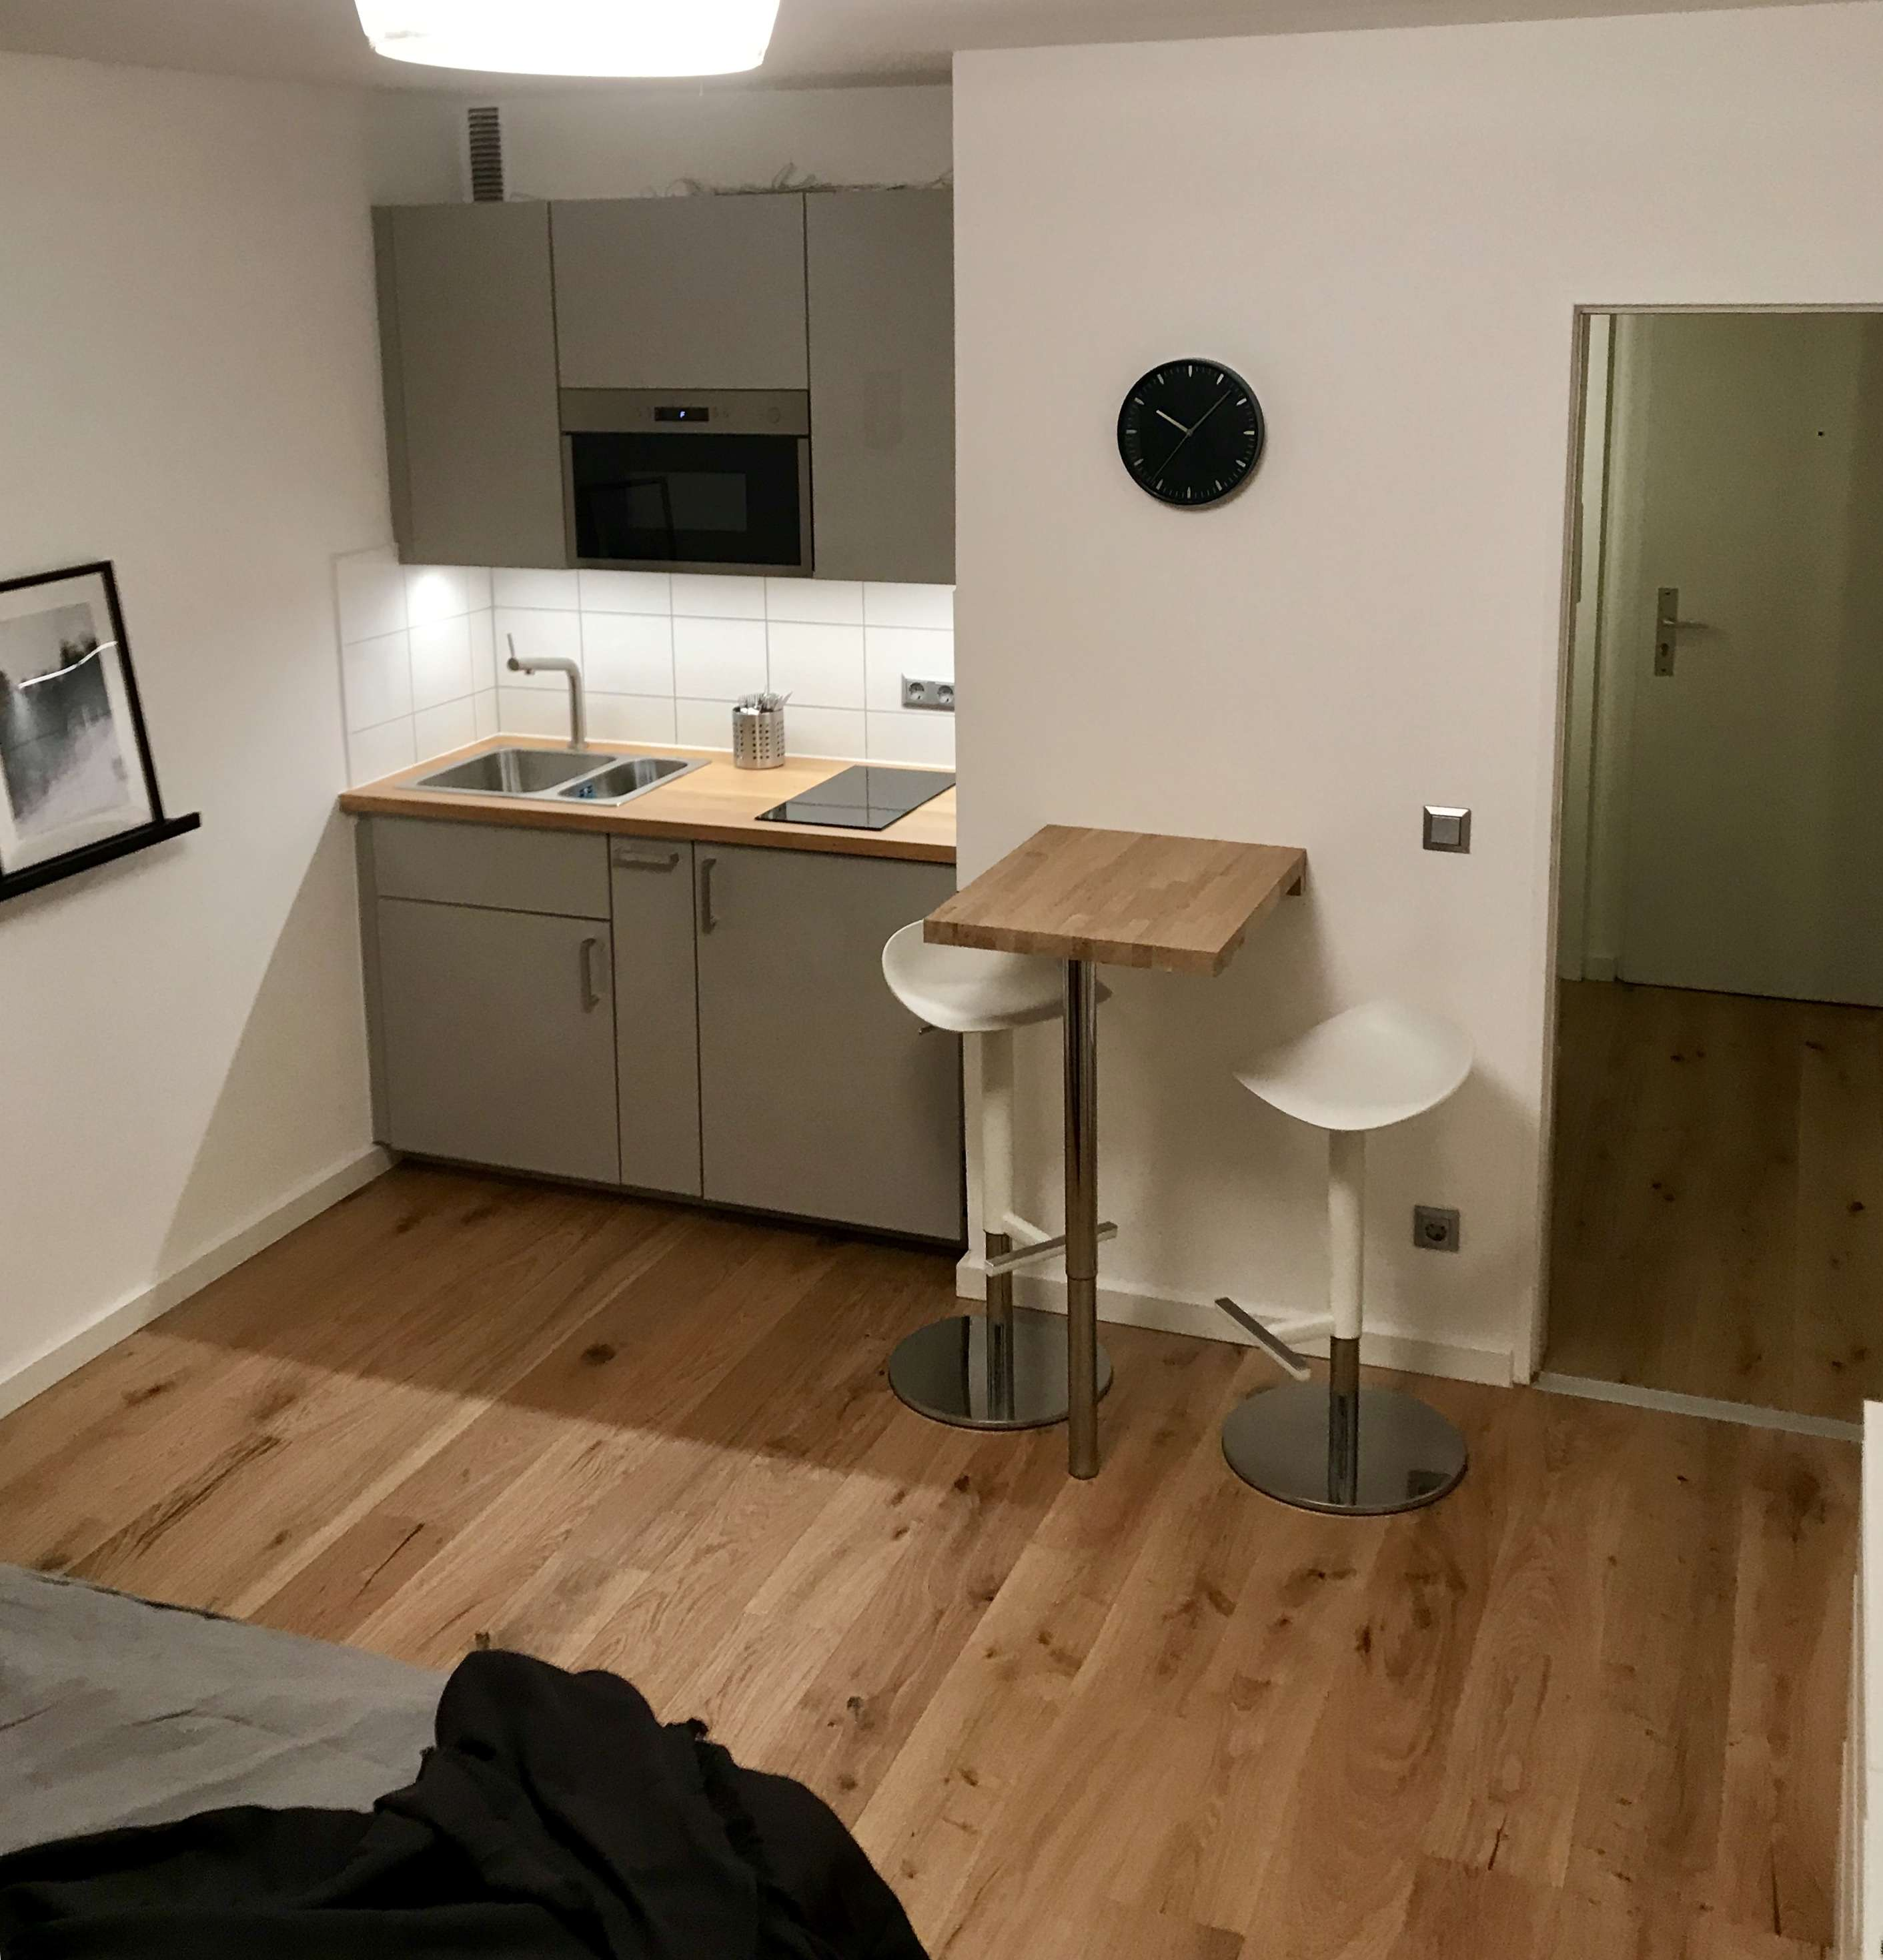 790 €, 27 m², 1 Zimmer in Milbertshofen (München)